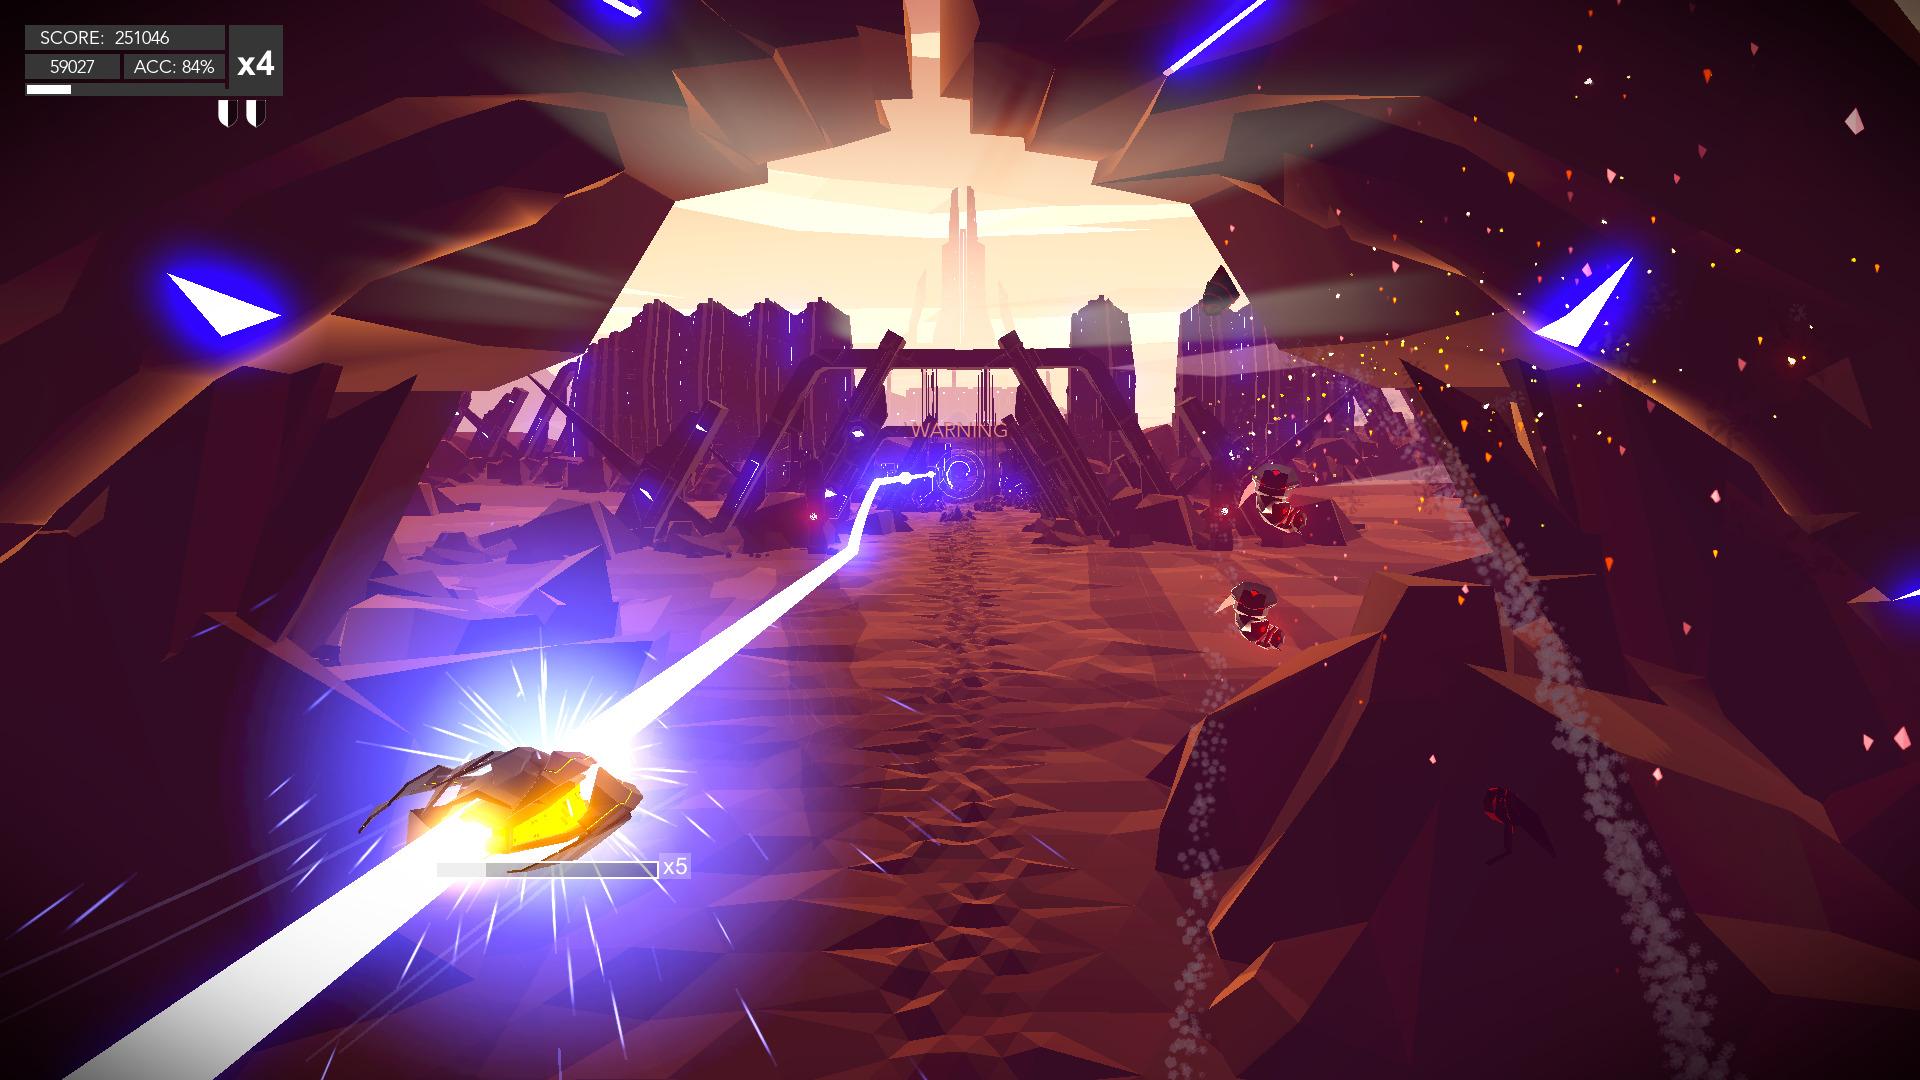 Nová hra Aaero potěší milovníky pulsujících hudebně akčních her 136997